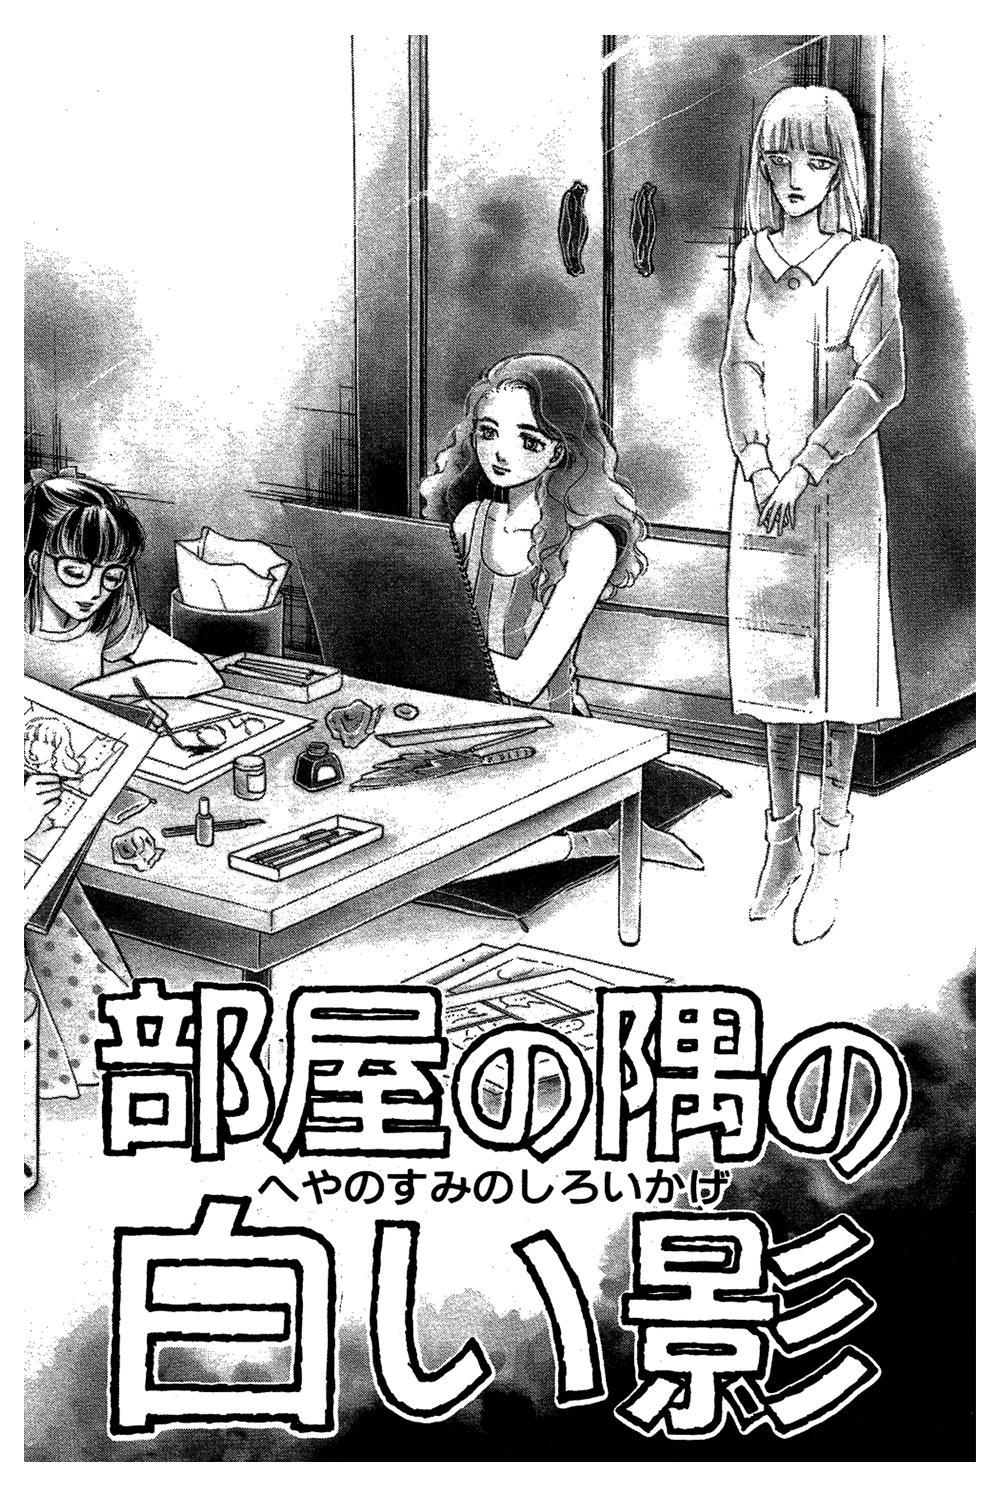 魔百合の恐怖報告 第1話「部屋の隅の白い影」①mayuri01.jpg